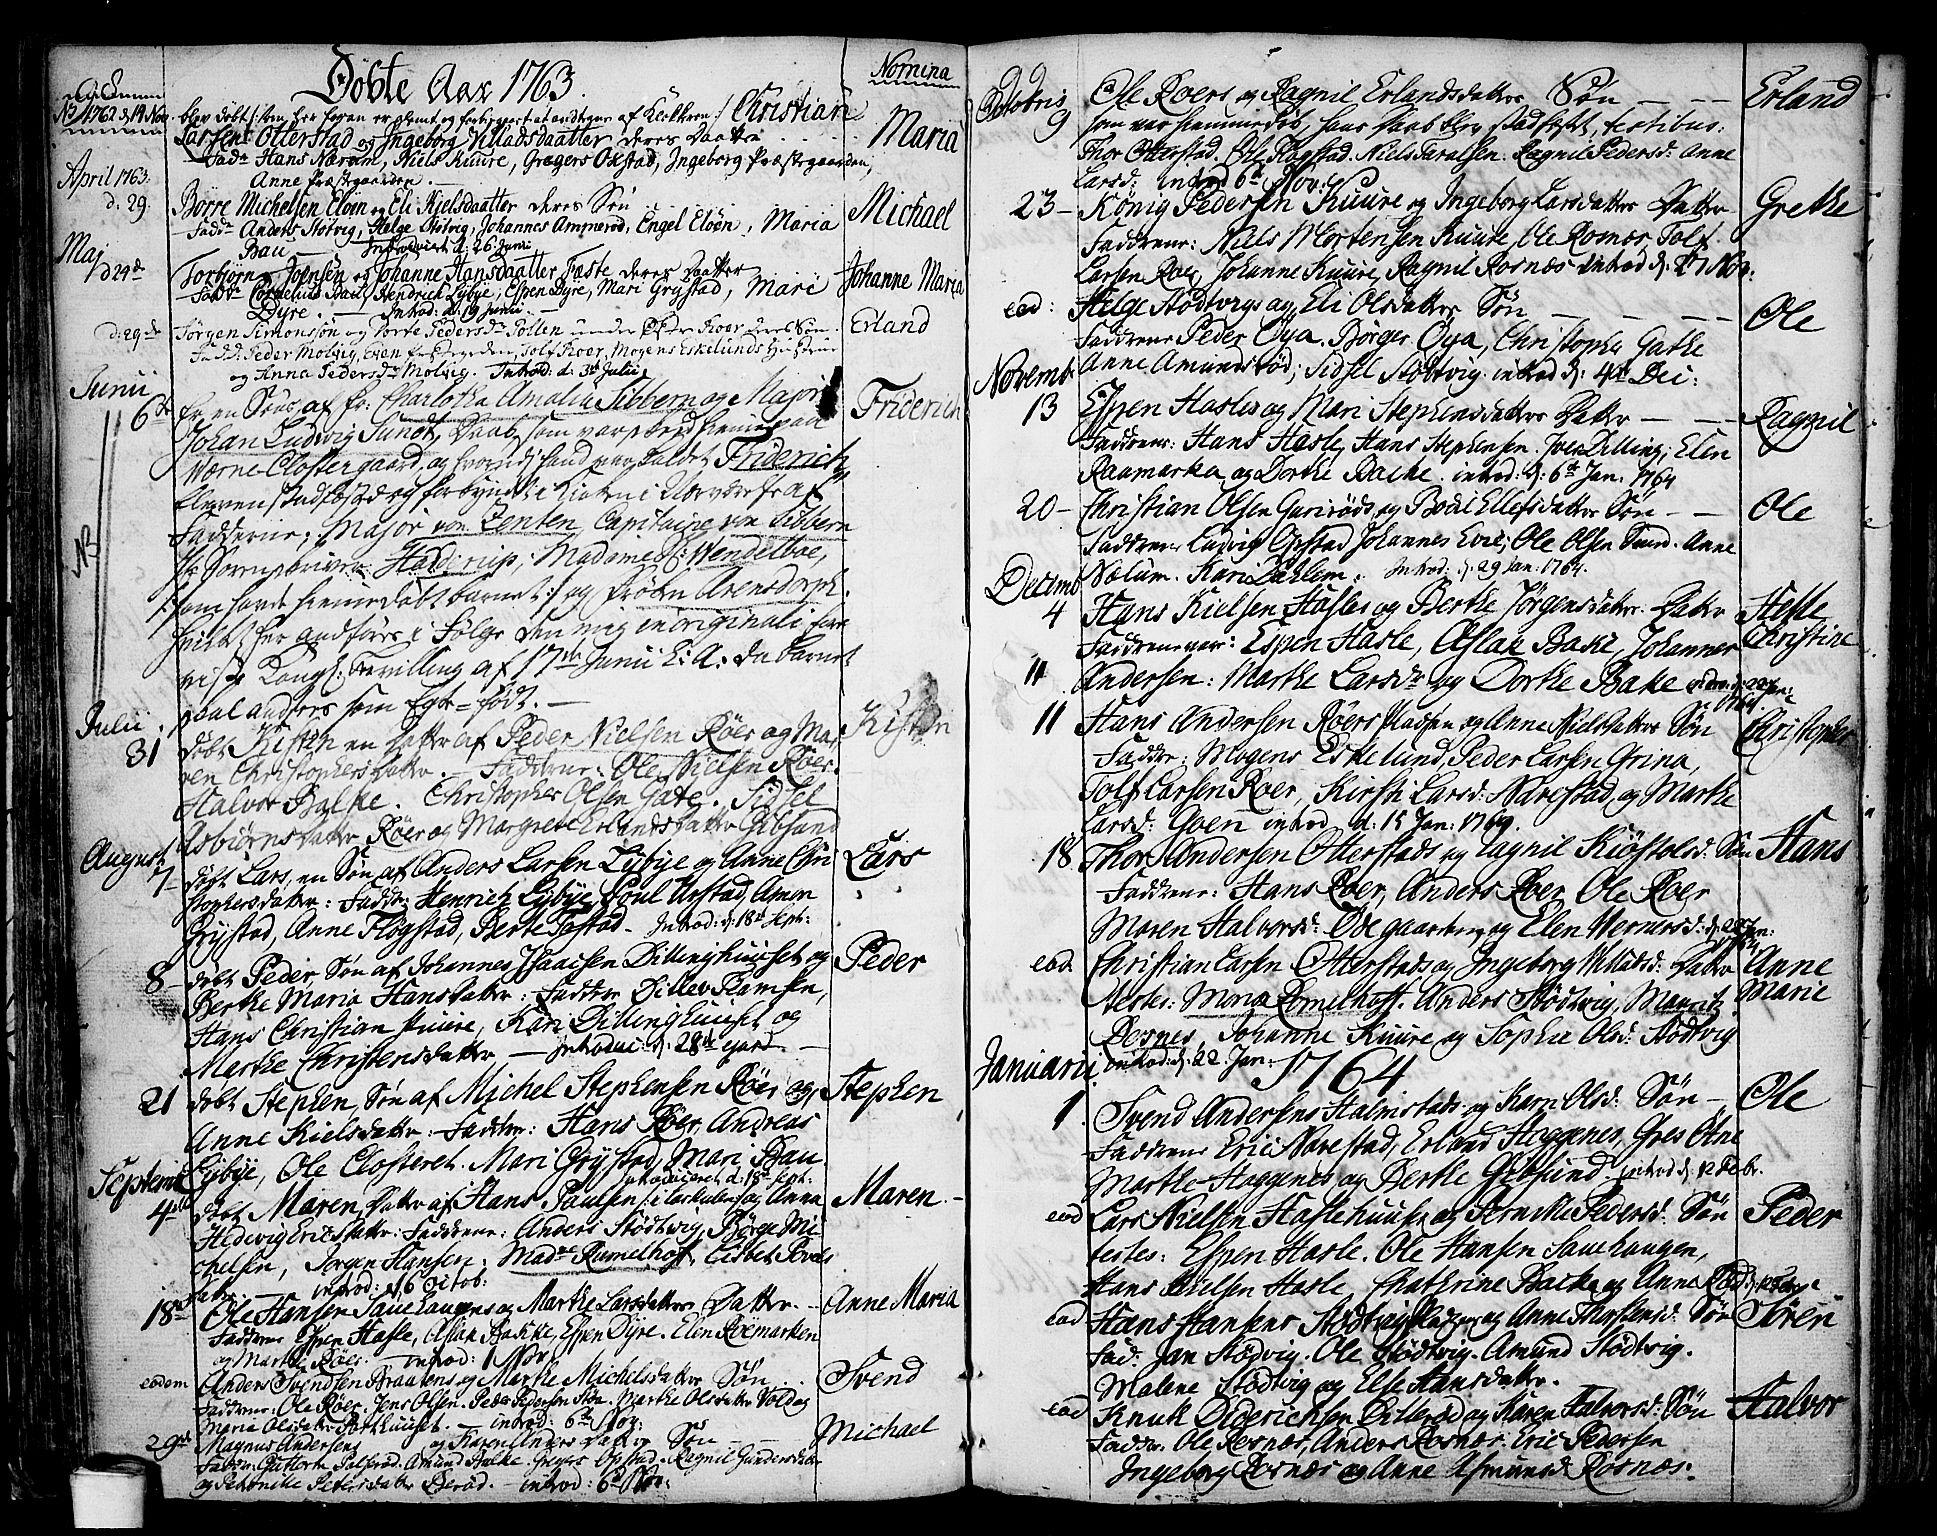 SAO, Rygge prestekontor Kirkebøker, F/Fa/L0001: Ministerialbok nr. 1, 1725-1771, s. 98-99